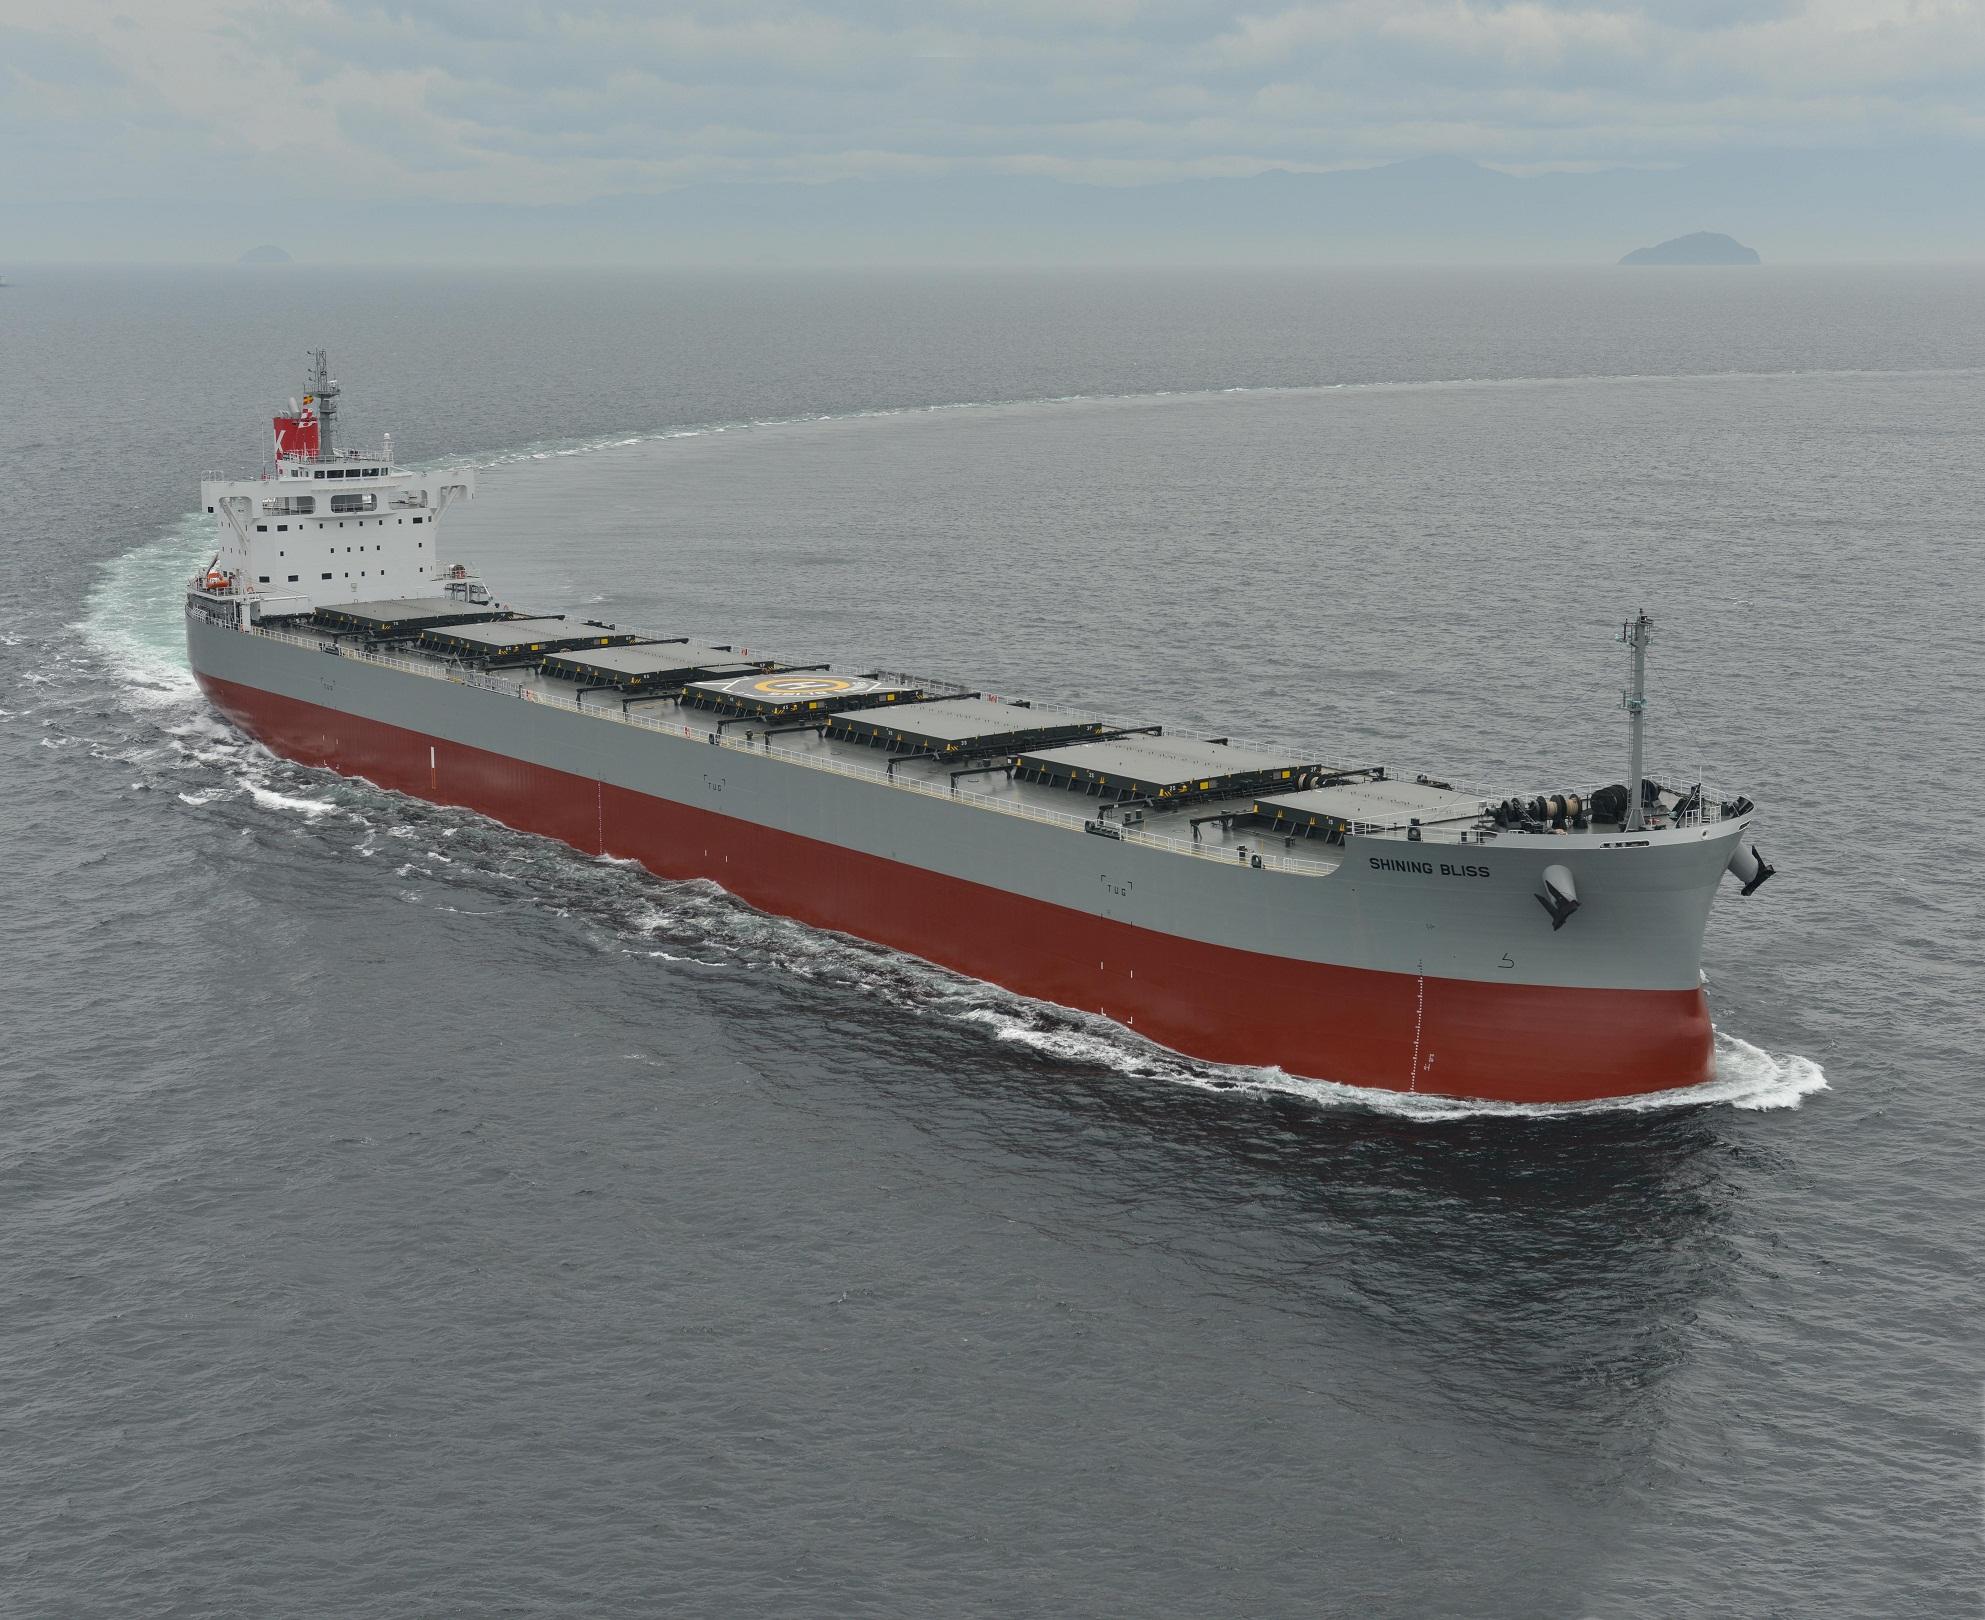 """常石集团的国内建造基地,常石造船株式会社常石工厂,建成、交付了""""卡姆萨型散装货物船""""系列船的第190艘船舶"""